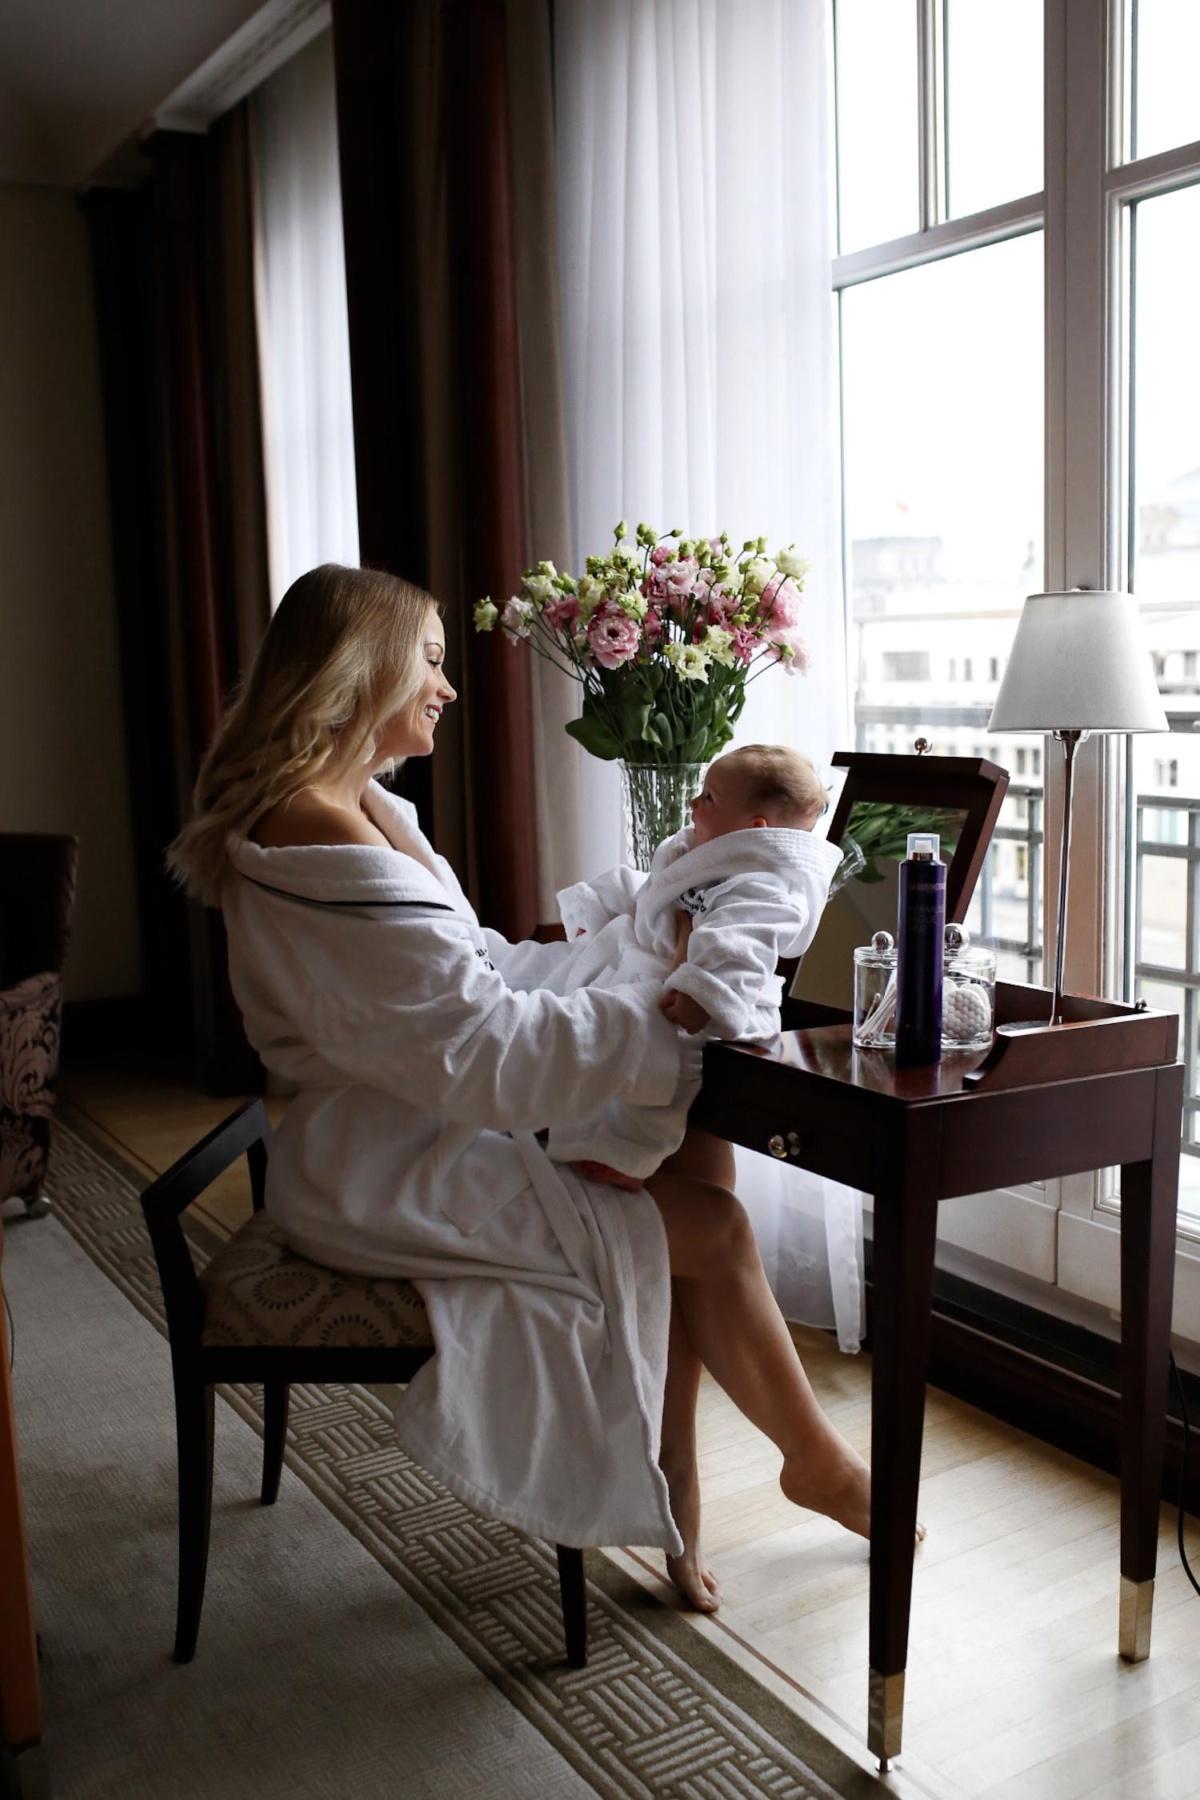 stylingliebe-lifestyleblogger-mamablog-fashionblog-muenchen-styleblog-blogger-deutschland-lifestyleblog-mamablogger-modeblog-unsere-erste-fashion-week-mit-baby-zu-besuch-im-hotel-adlon-kempinski-8